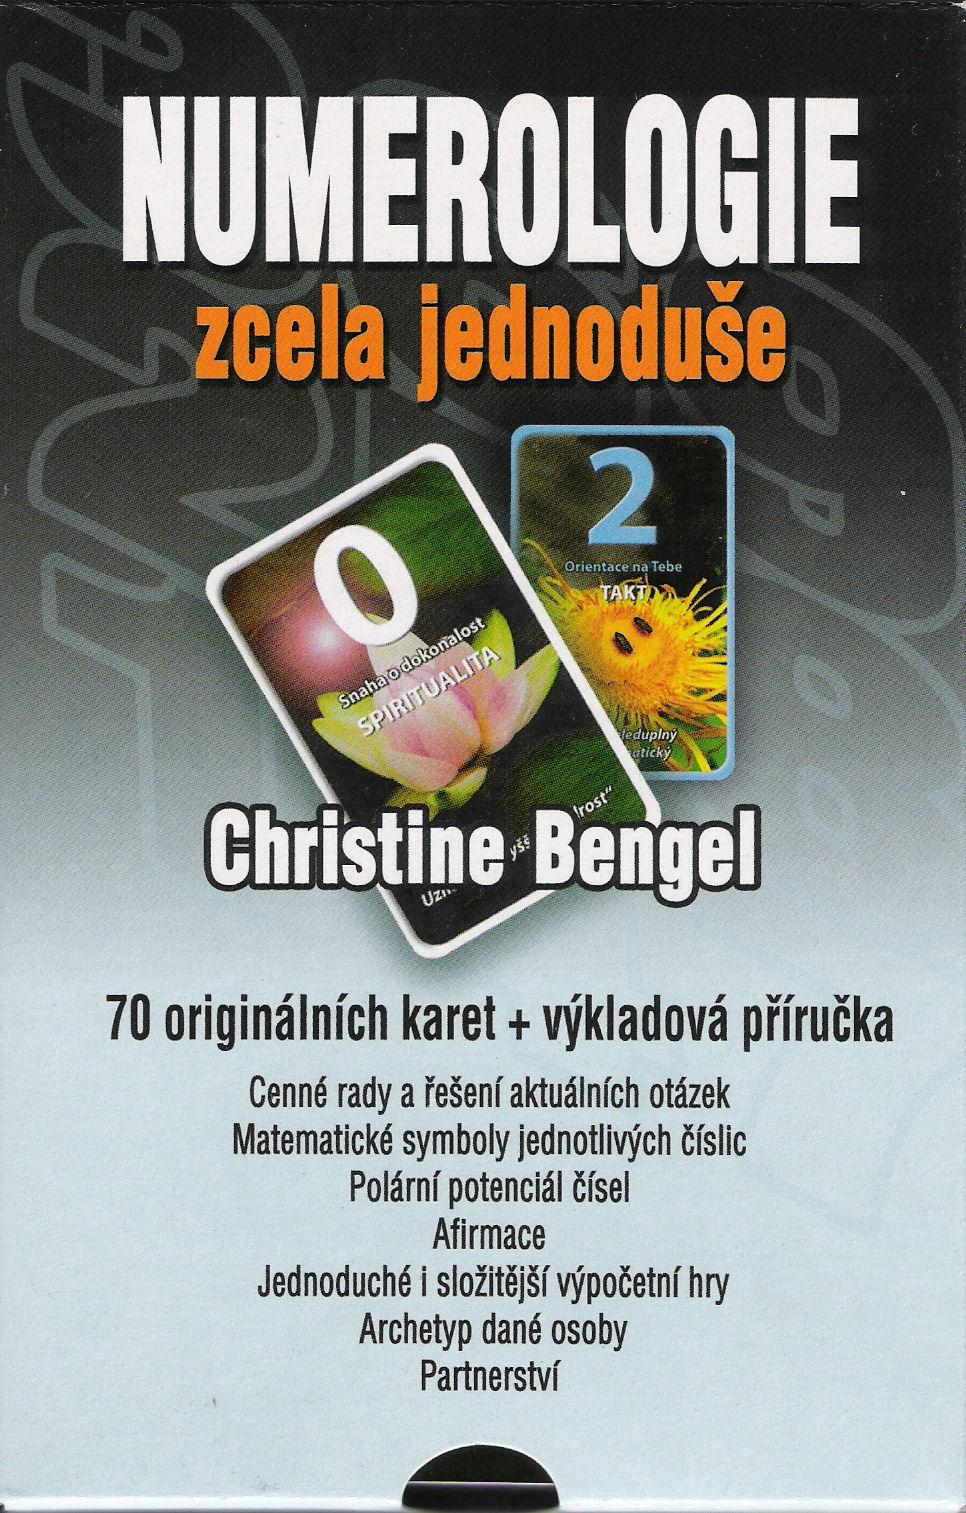 Numerologie zcela jednoduše - 70 originálních karet + výkladová příručka